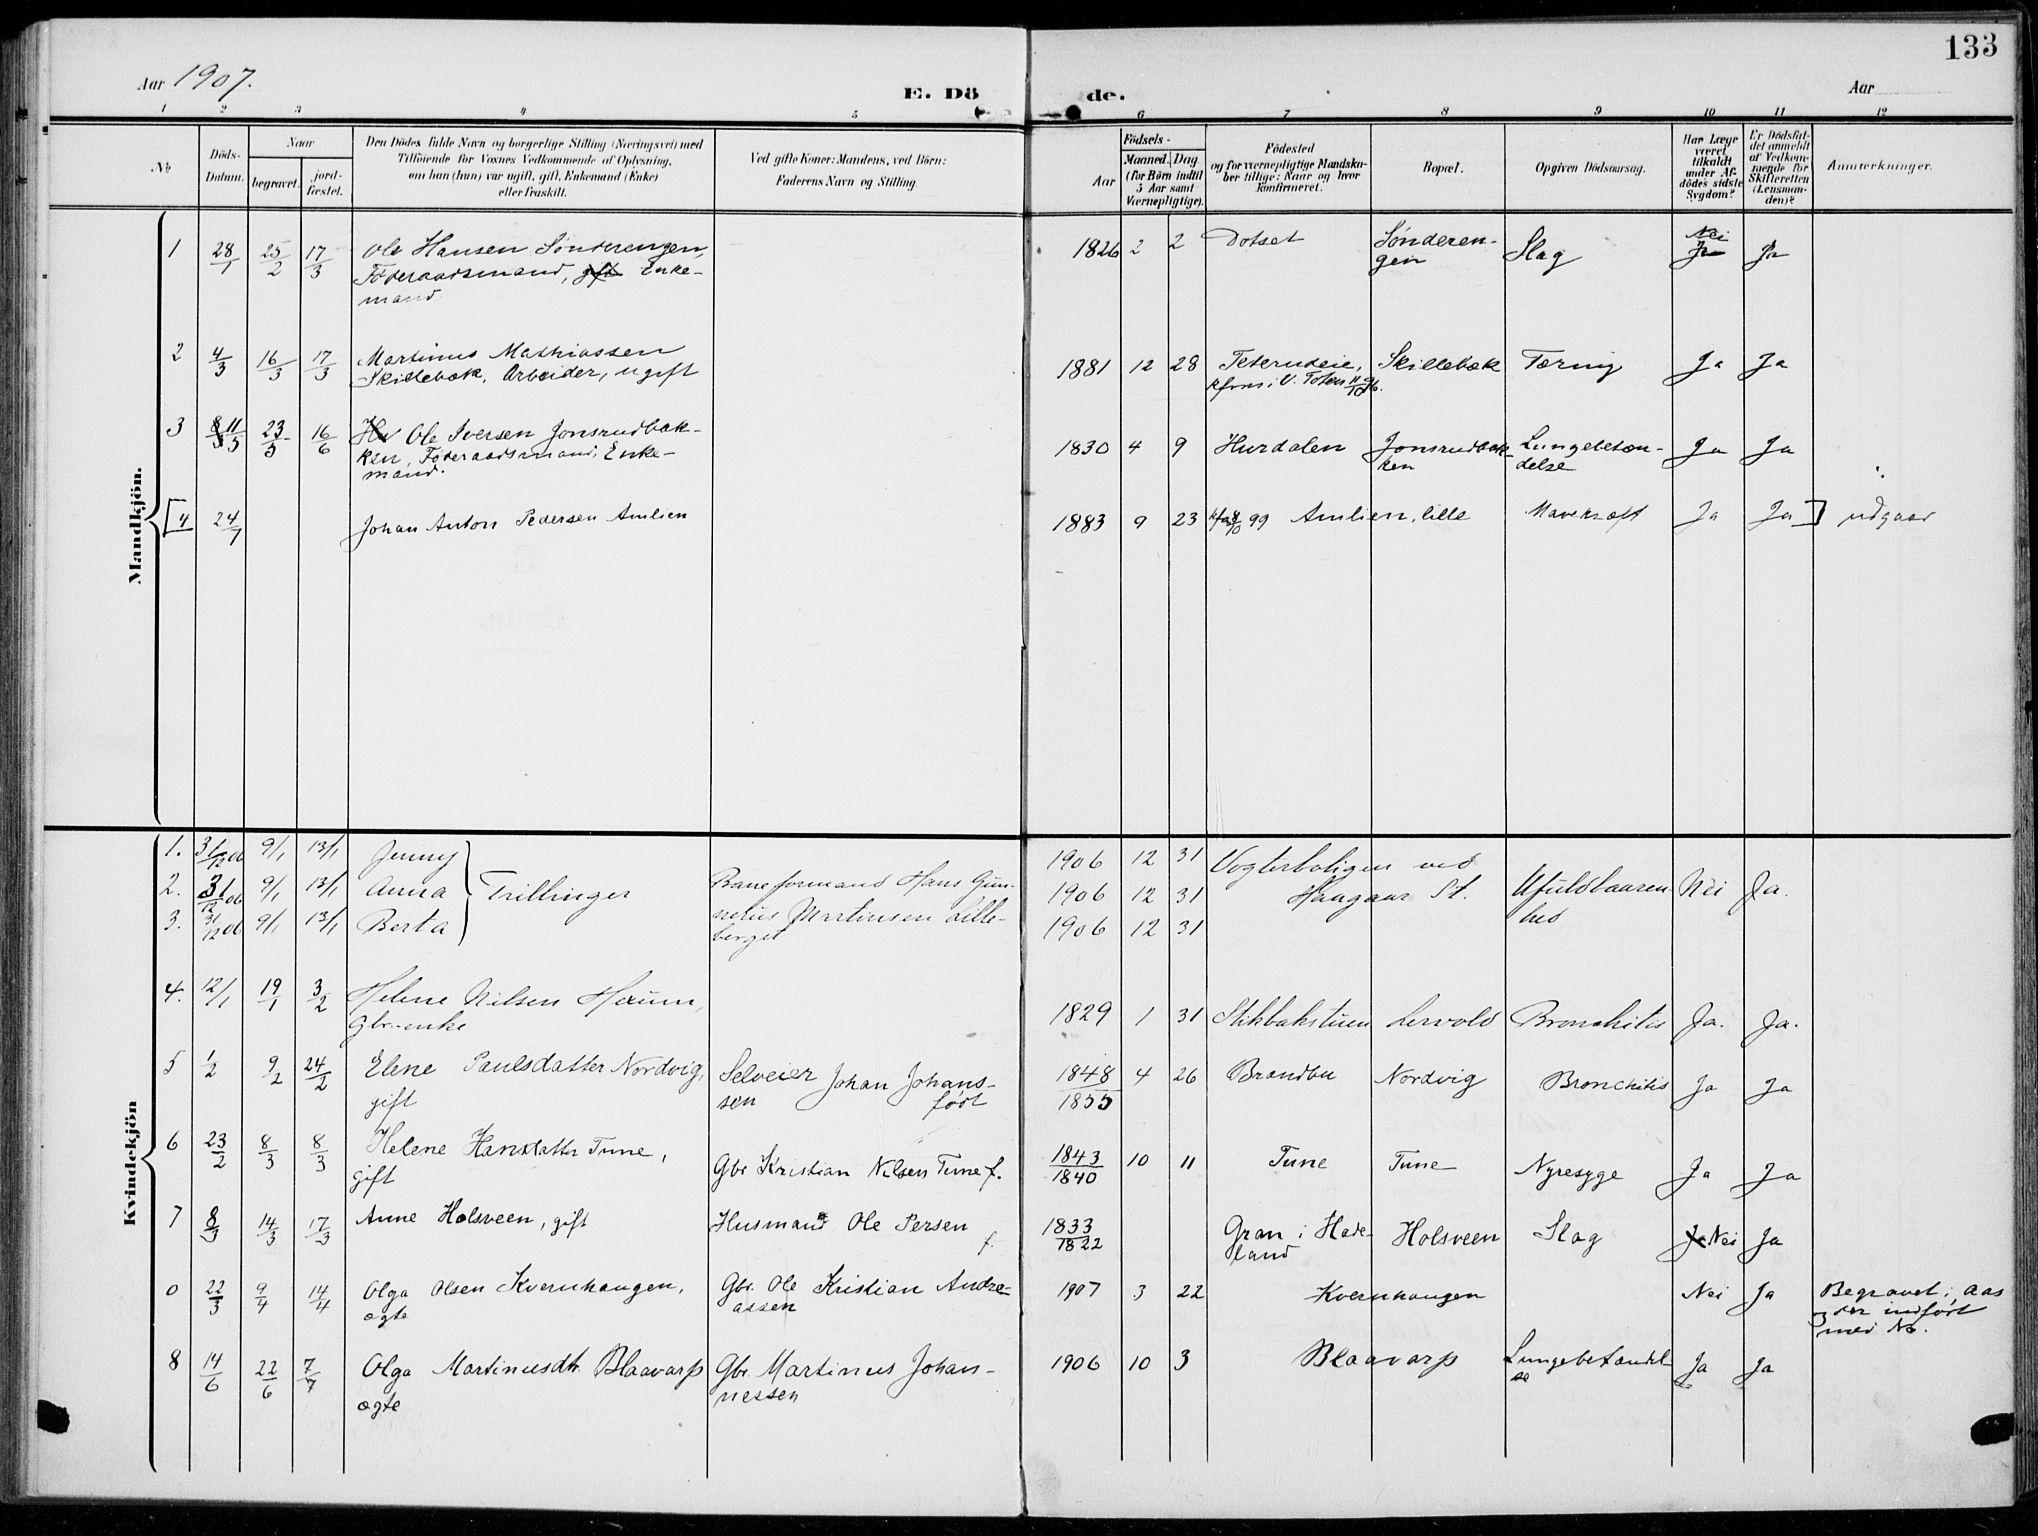 SAH, Kolbu prestekontor, Ministerialbok nr. 1, 1907-1923, s. 133